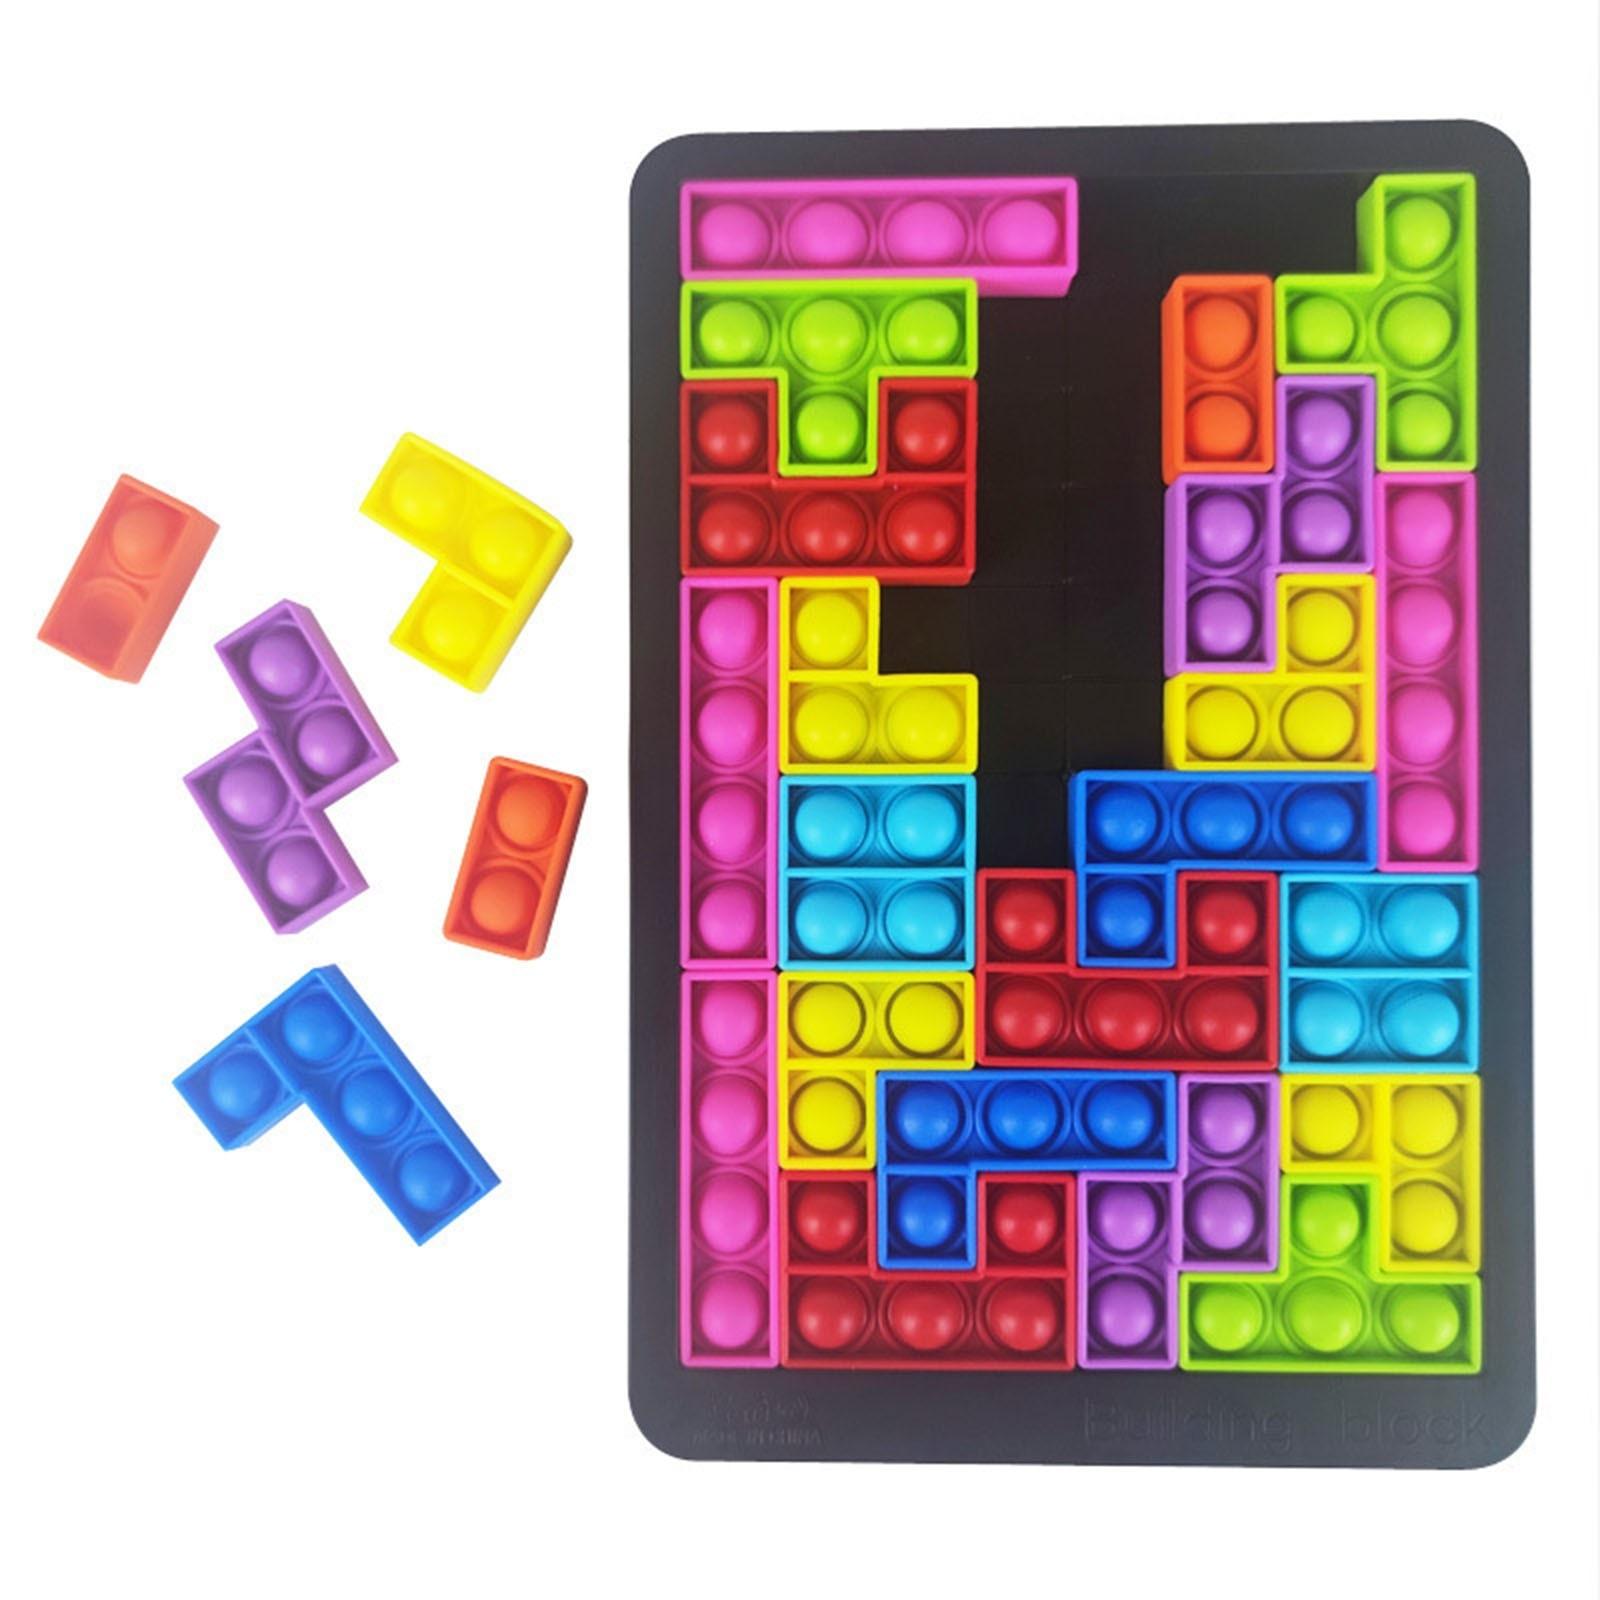 Игрушки-фиджеты, головоломки, игрушки, силиконовые пузырьки, игрушки-антистресс, пазлы-игрушки, игрушки для аутизма, Popper w2